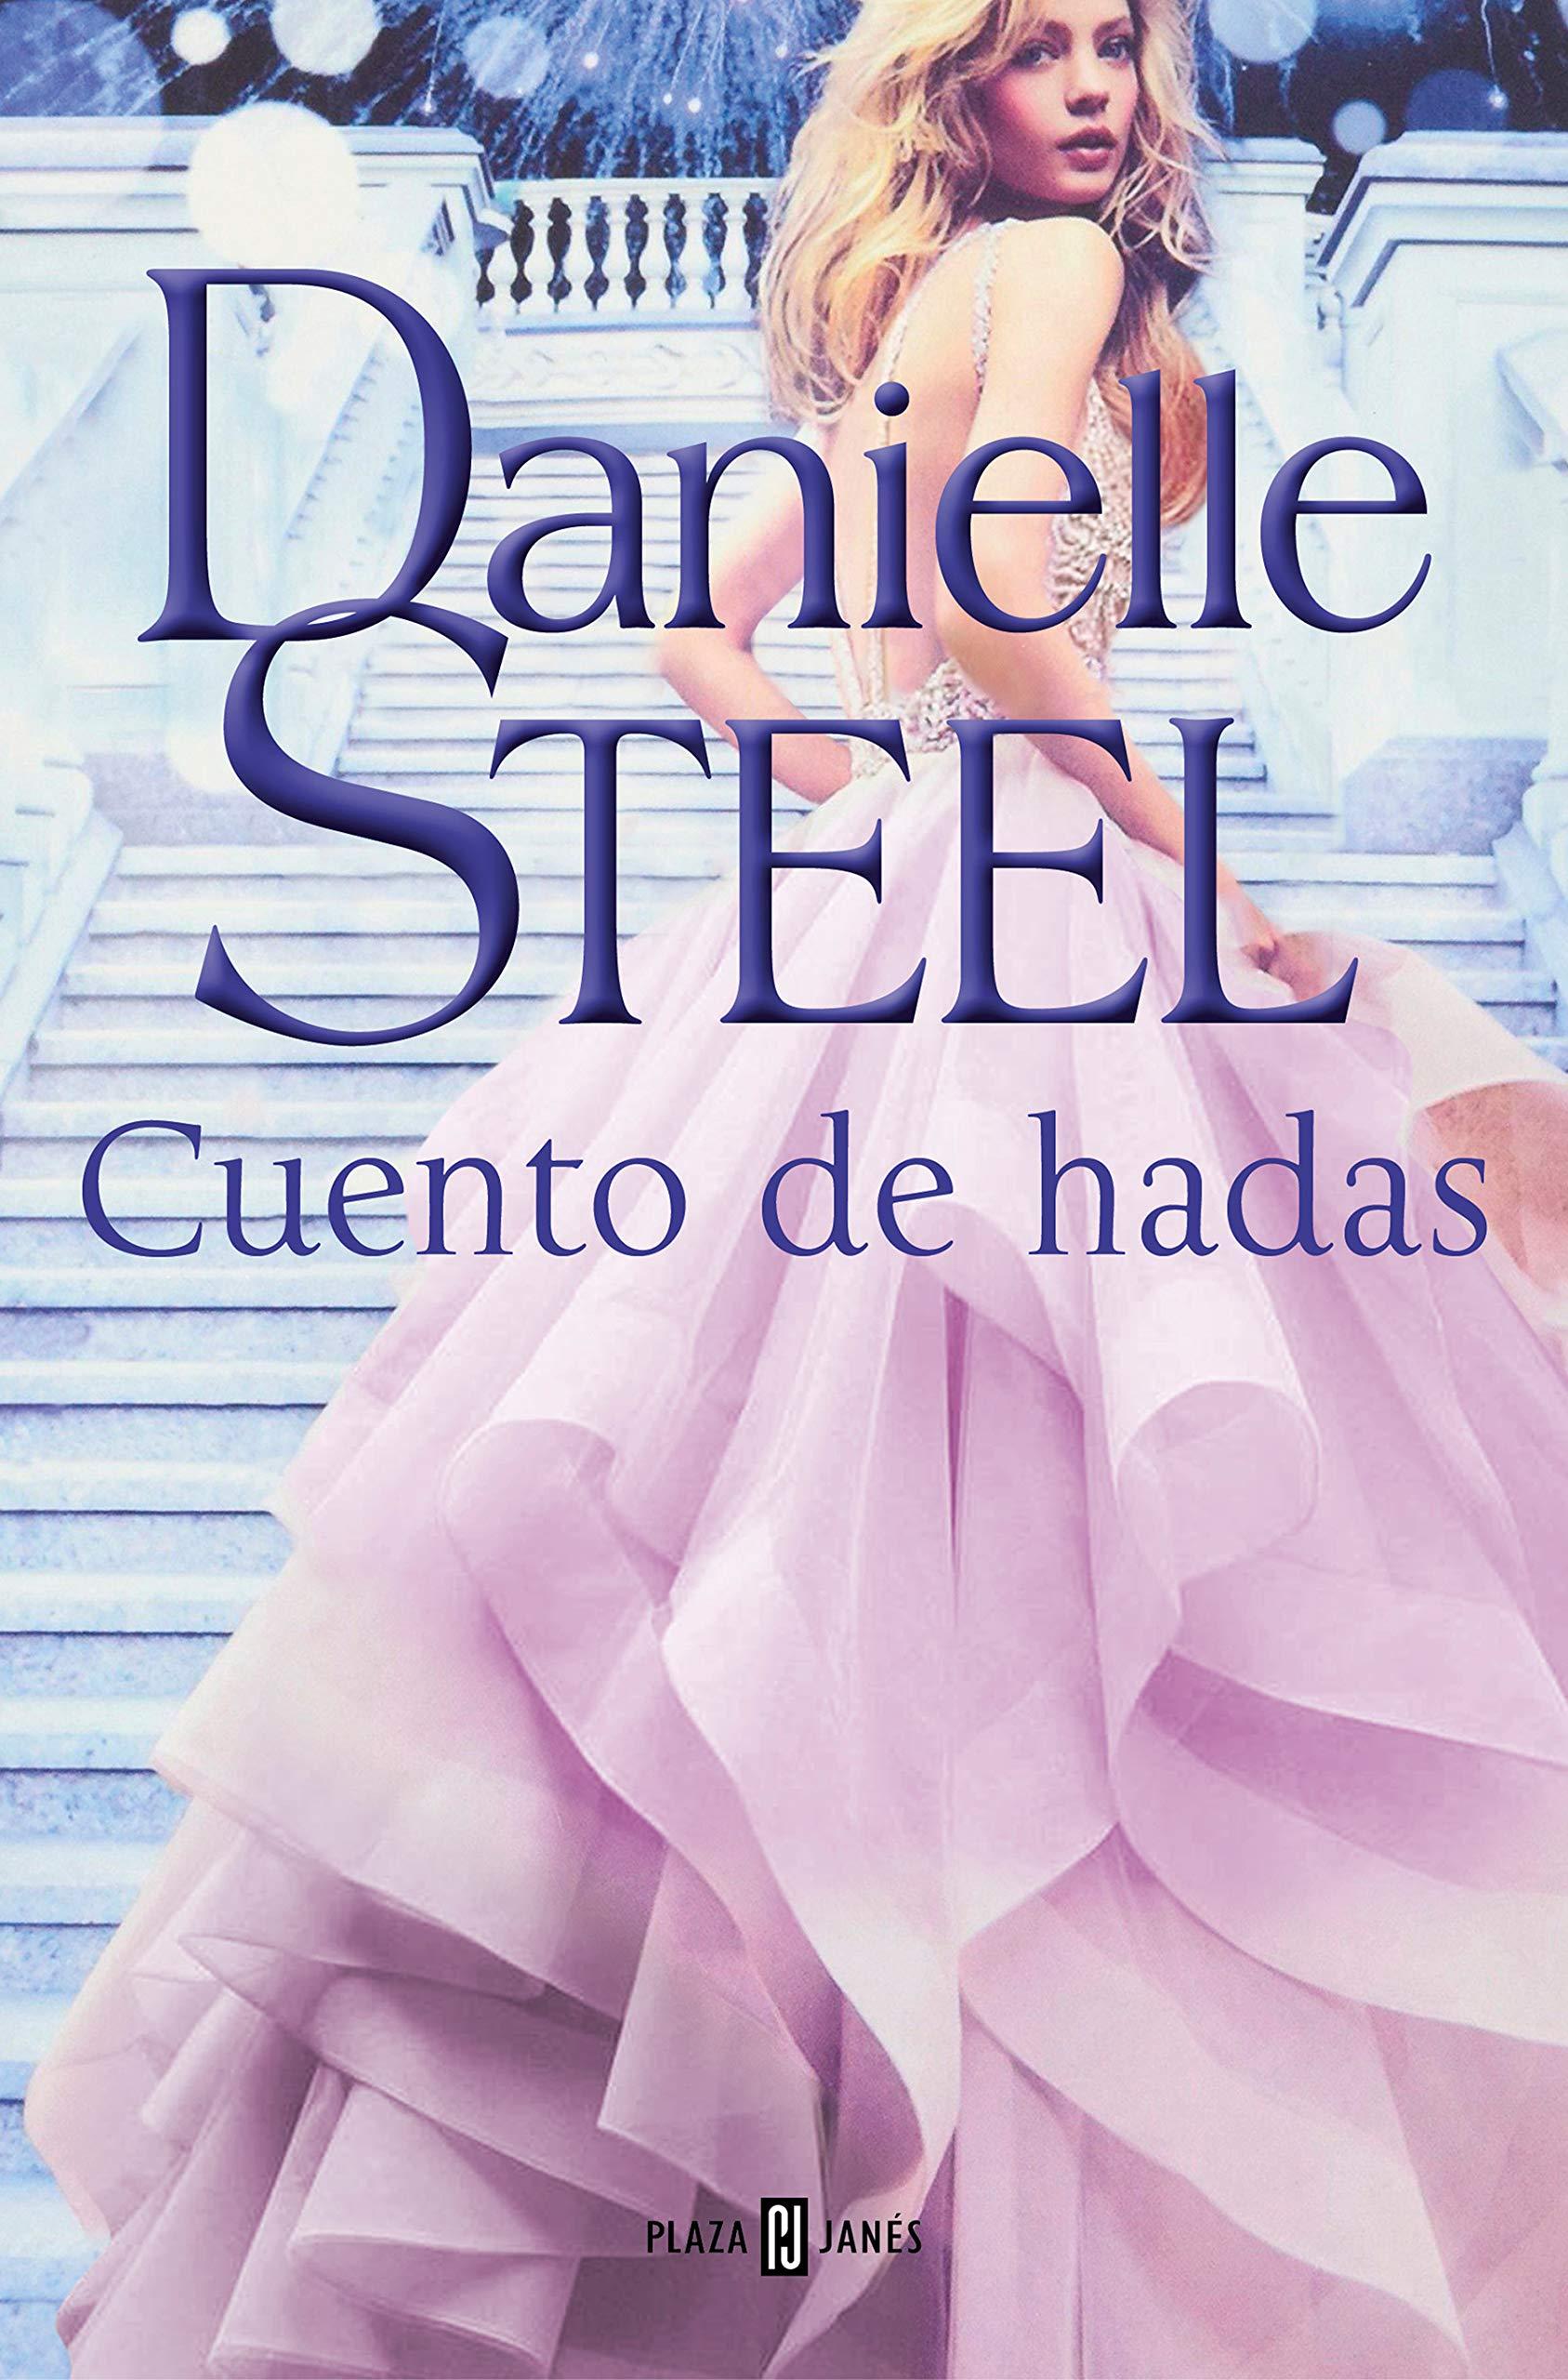 Cuento de hadas: Amazon.es: Danielle Steel: Libros